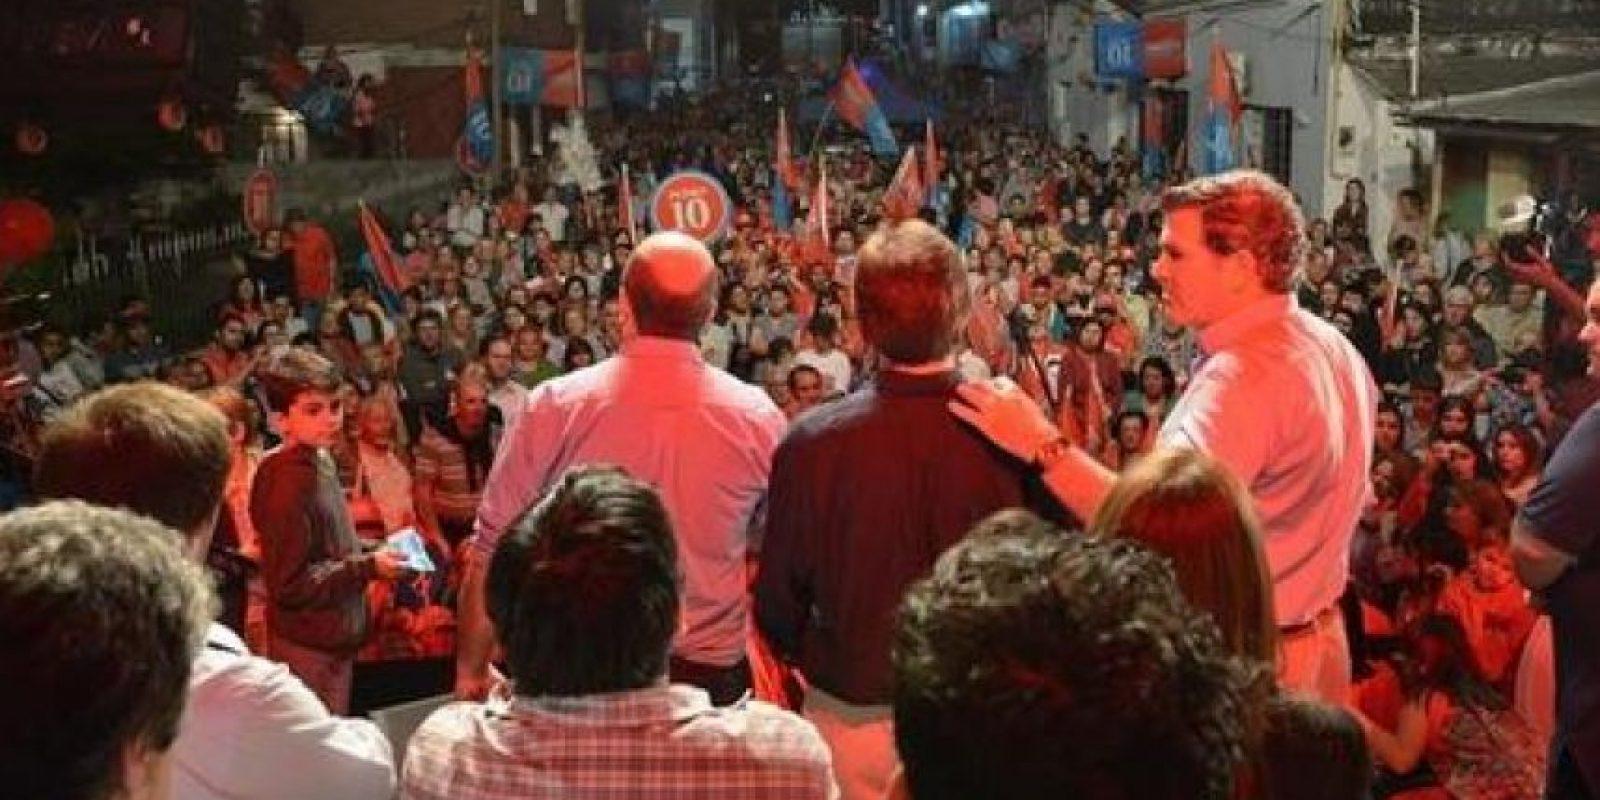 También es hijo de un expresidente. Su padre es el mandatario Juan Maria Bordaberry Foto:@PedroBordaberry